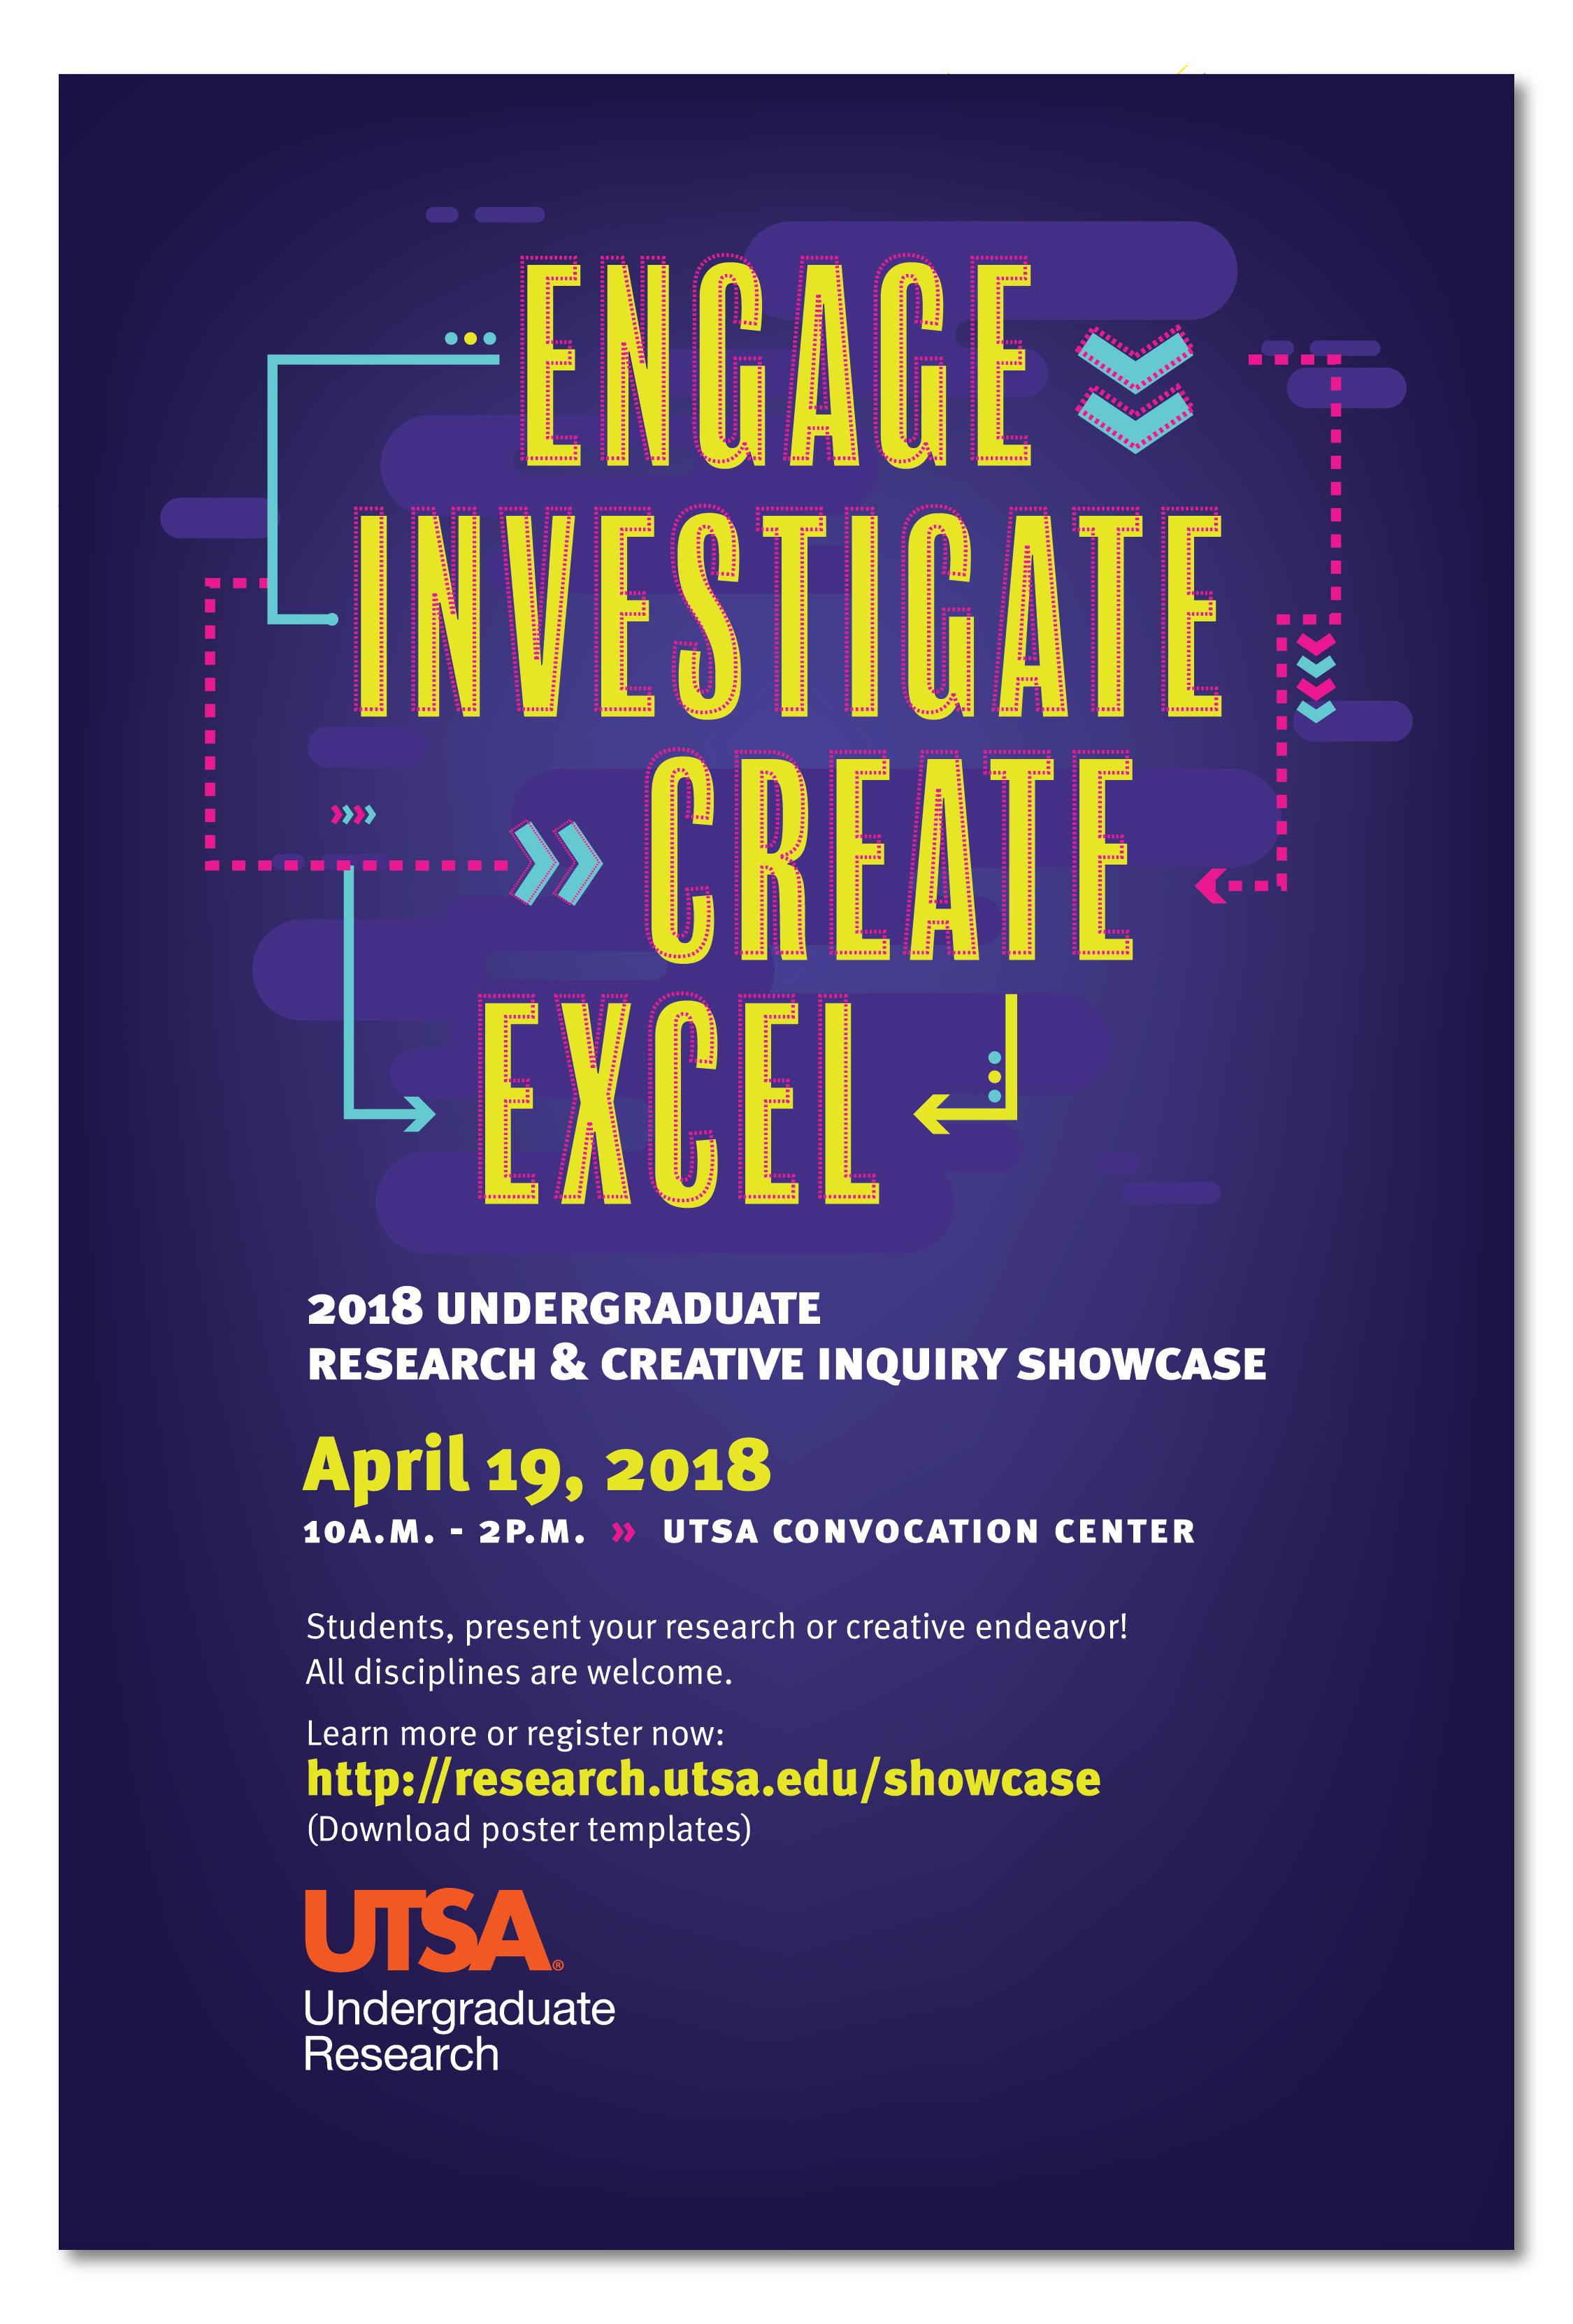 2018 Undergraduate Research & Creative Inquiry Showcase Poster